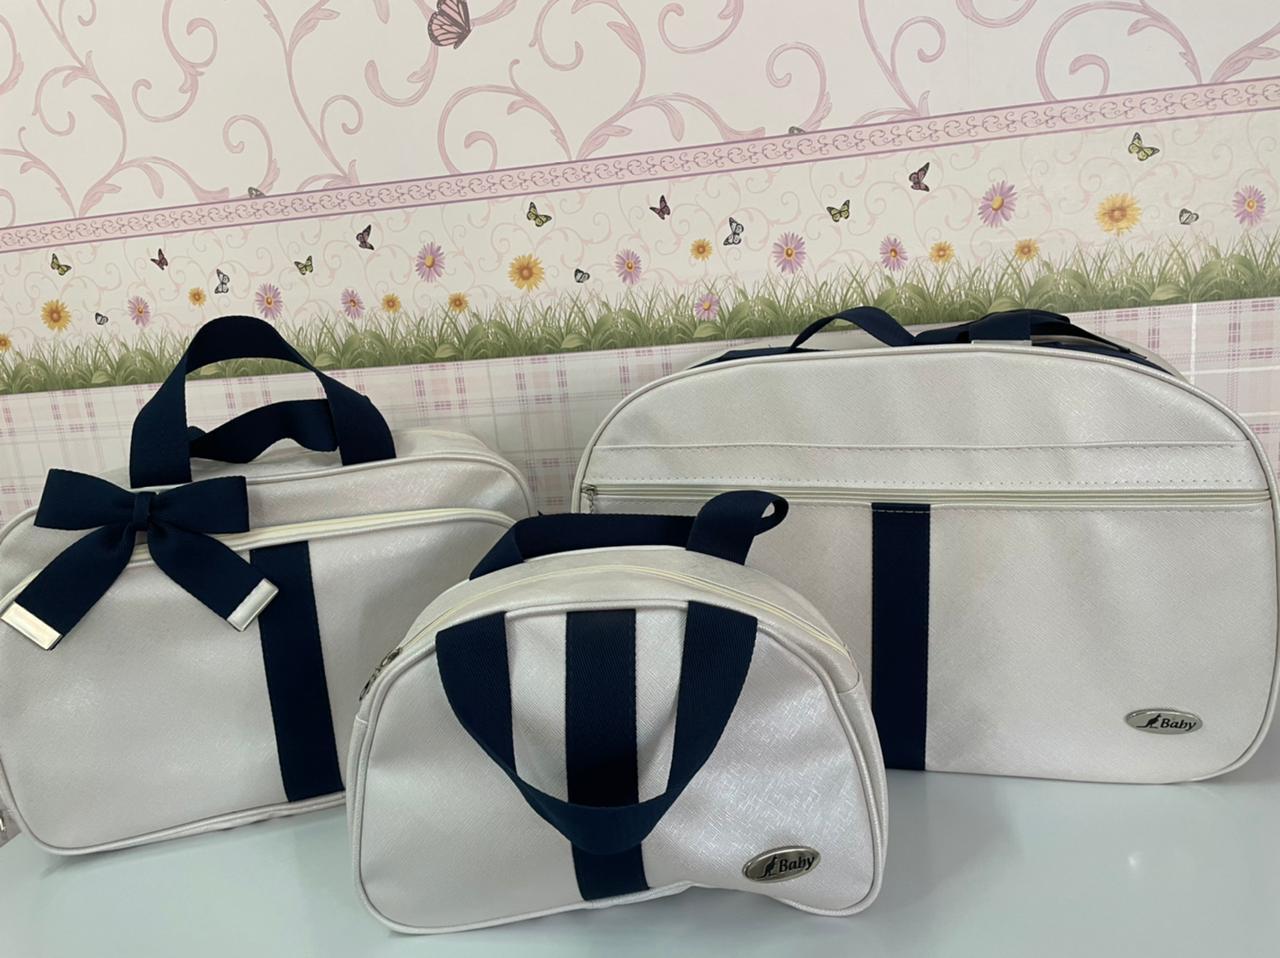 Kit de malas Premium Rosa com faixa azul marinho